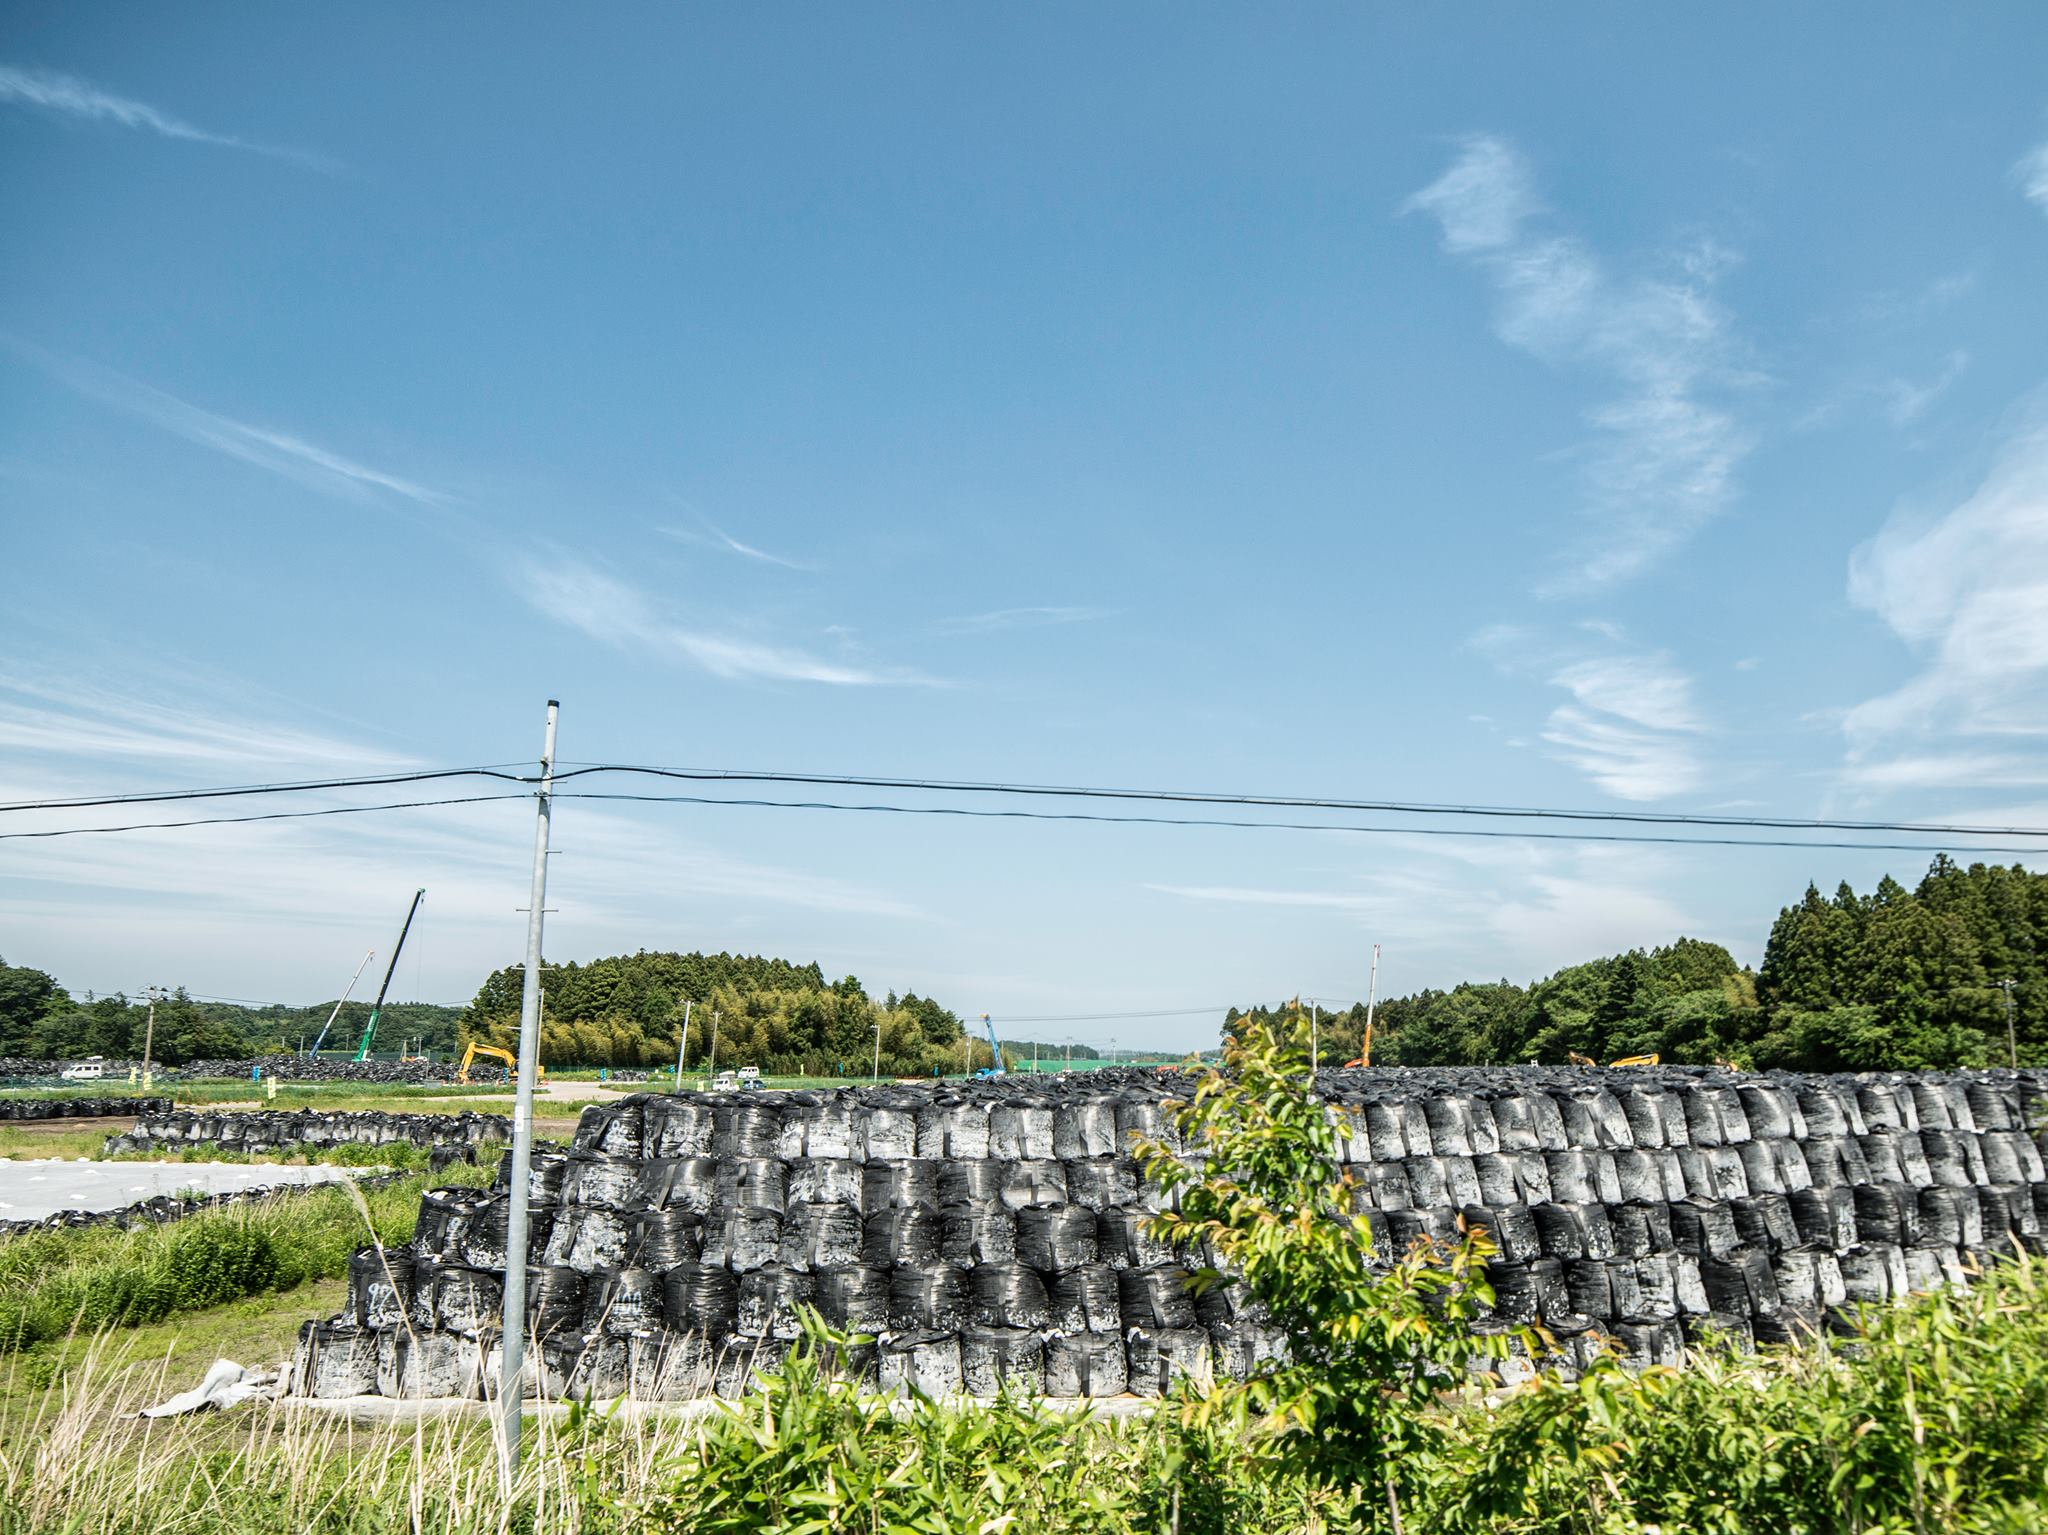 como es fukushima 5 años después del desastre 18